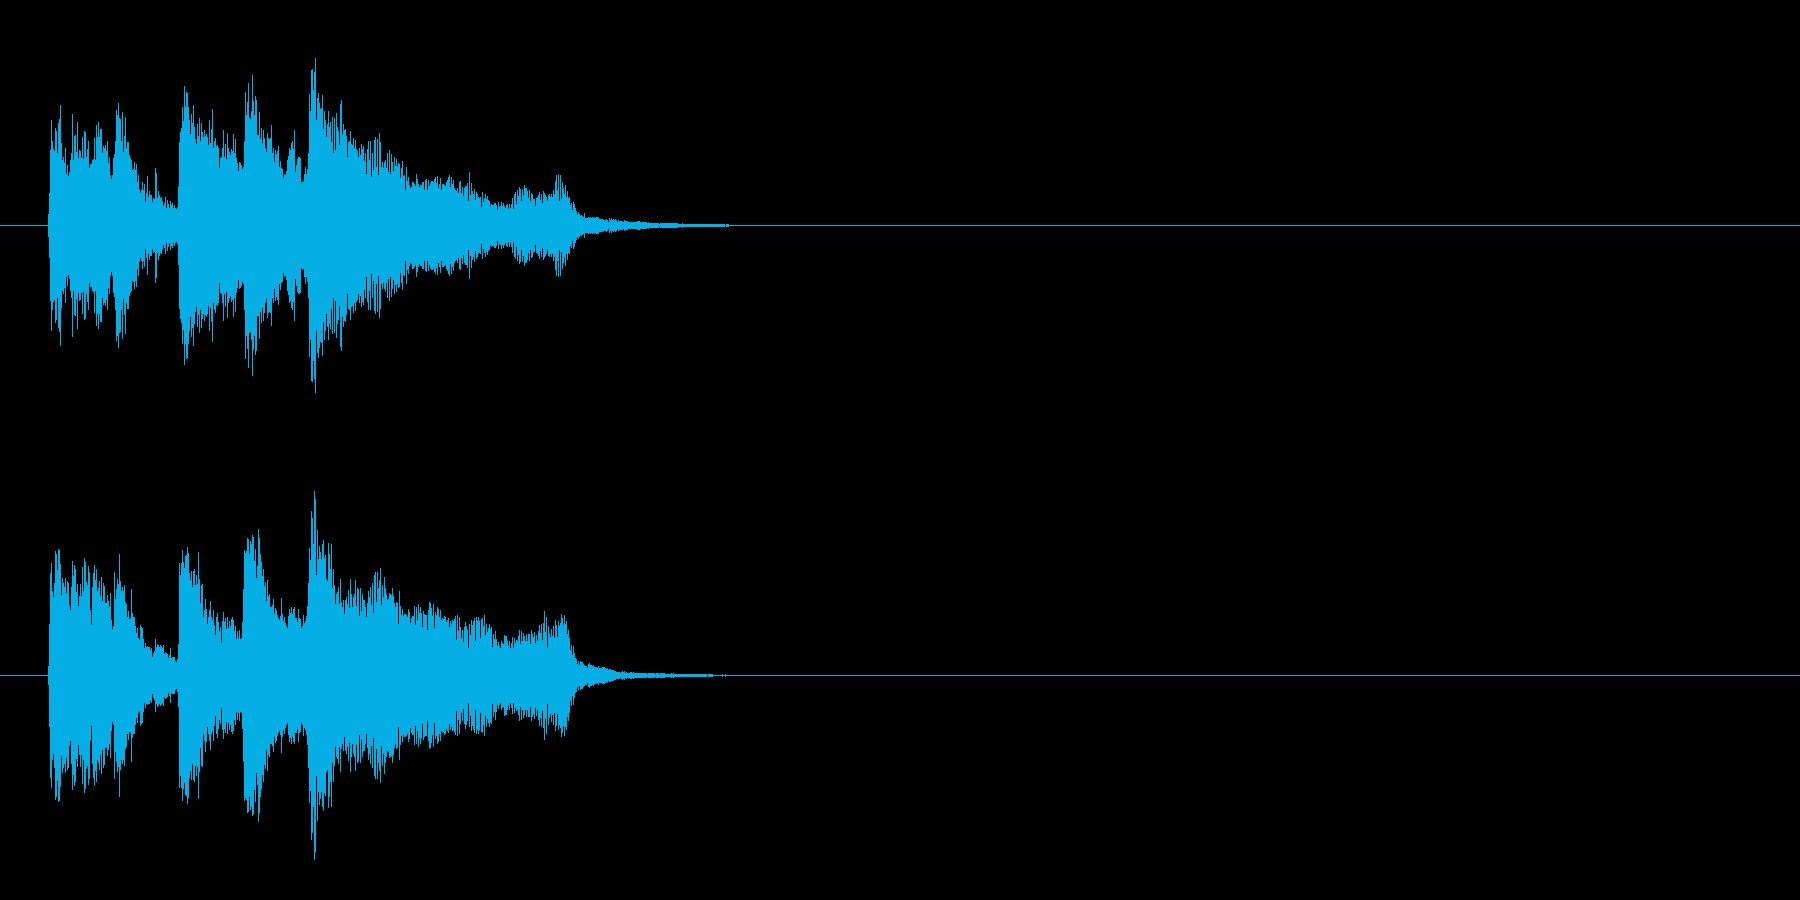 場面転換用ジングルの再生済みの波形